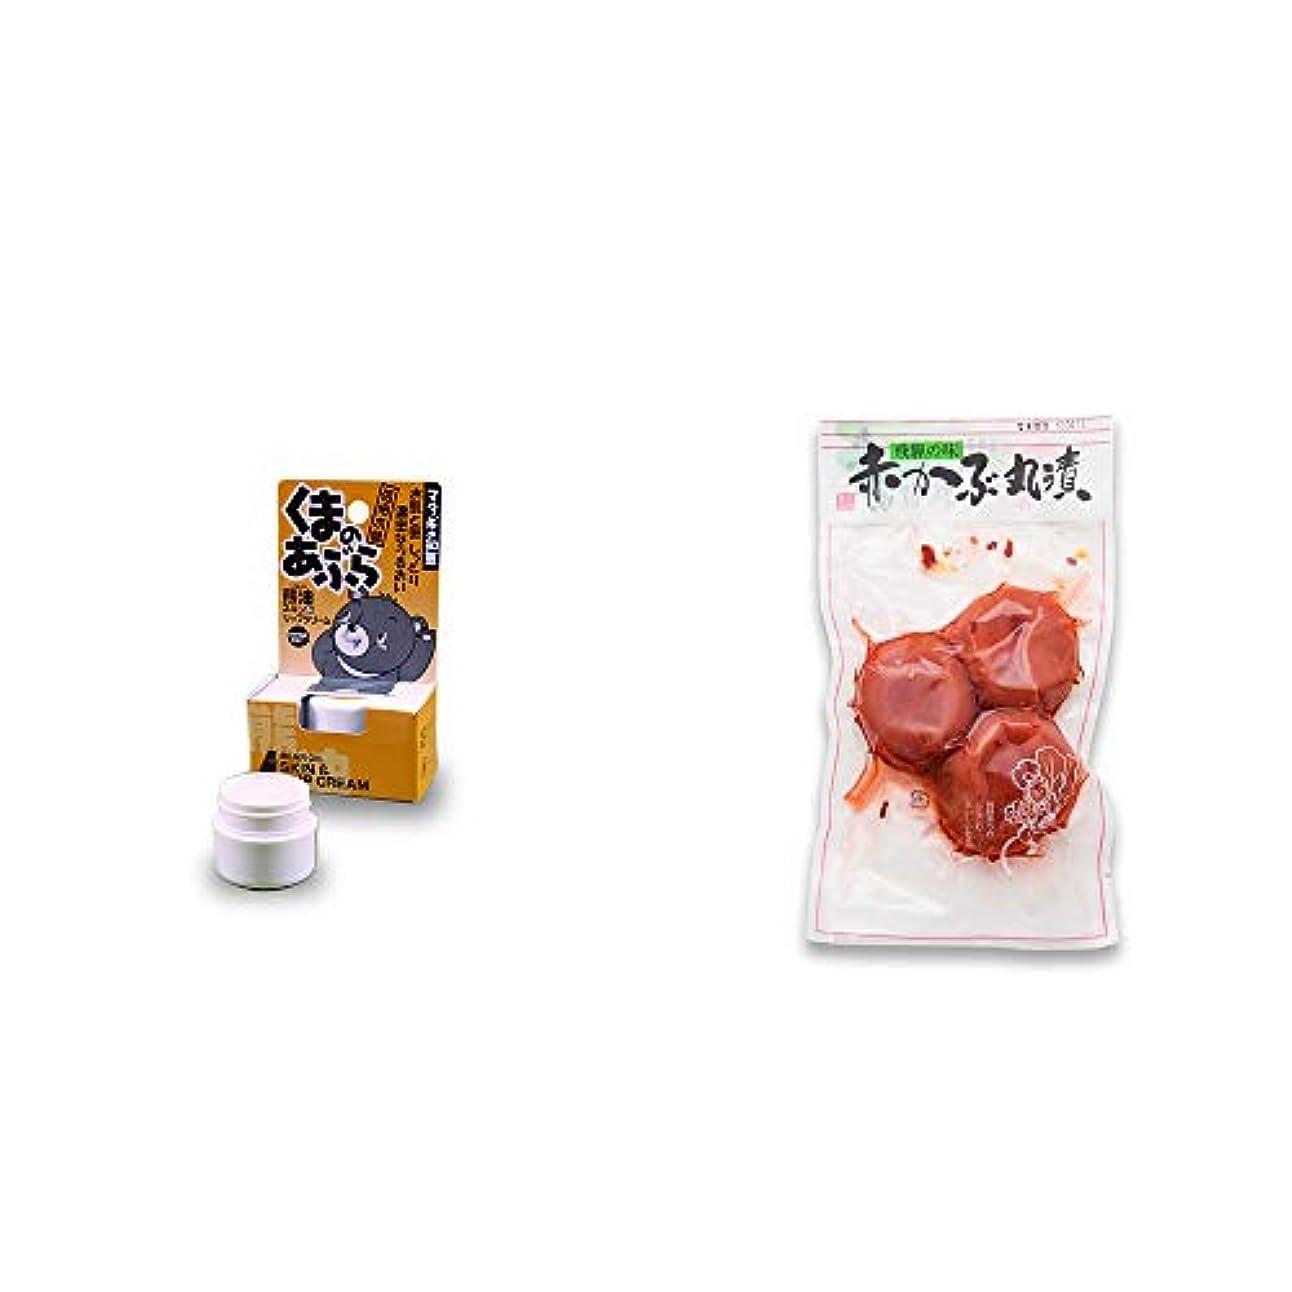 緊張ギャラントリーシンジケート[2点セット] 信州木曽 くまのあぶら 熊油スキン&リップクリーム(9g)?赤かぶ丸漬け(150g)